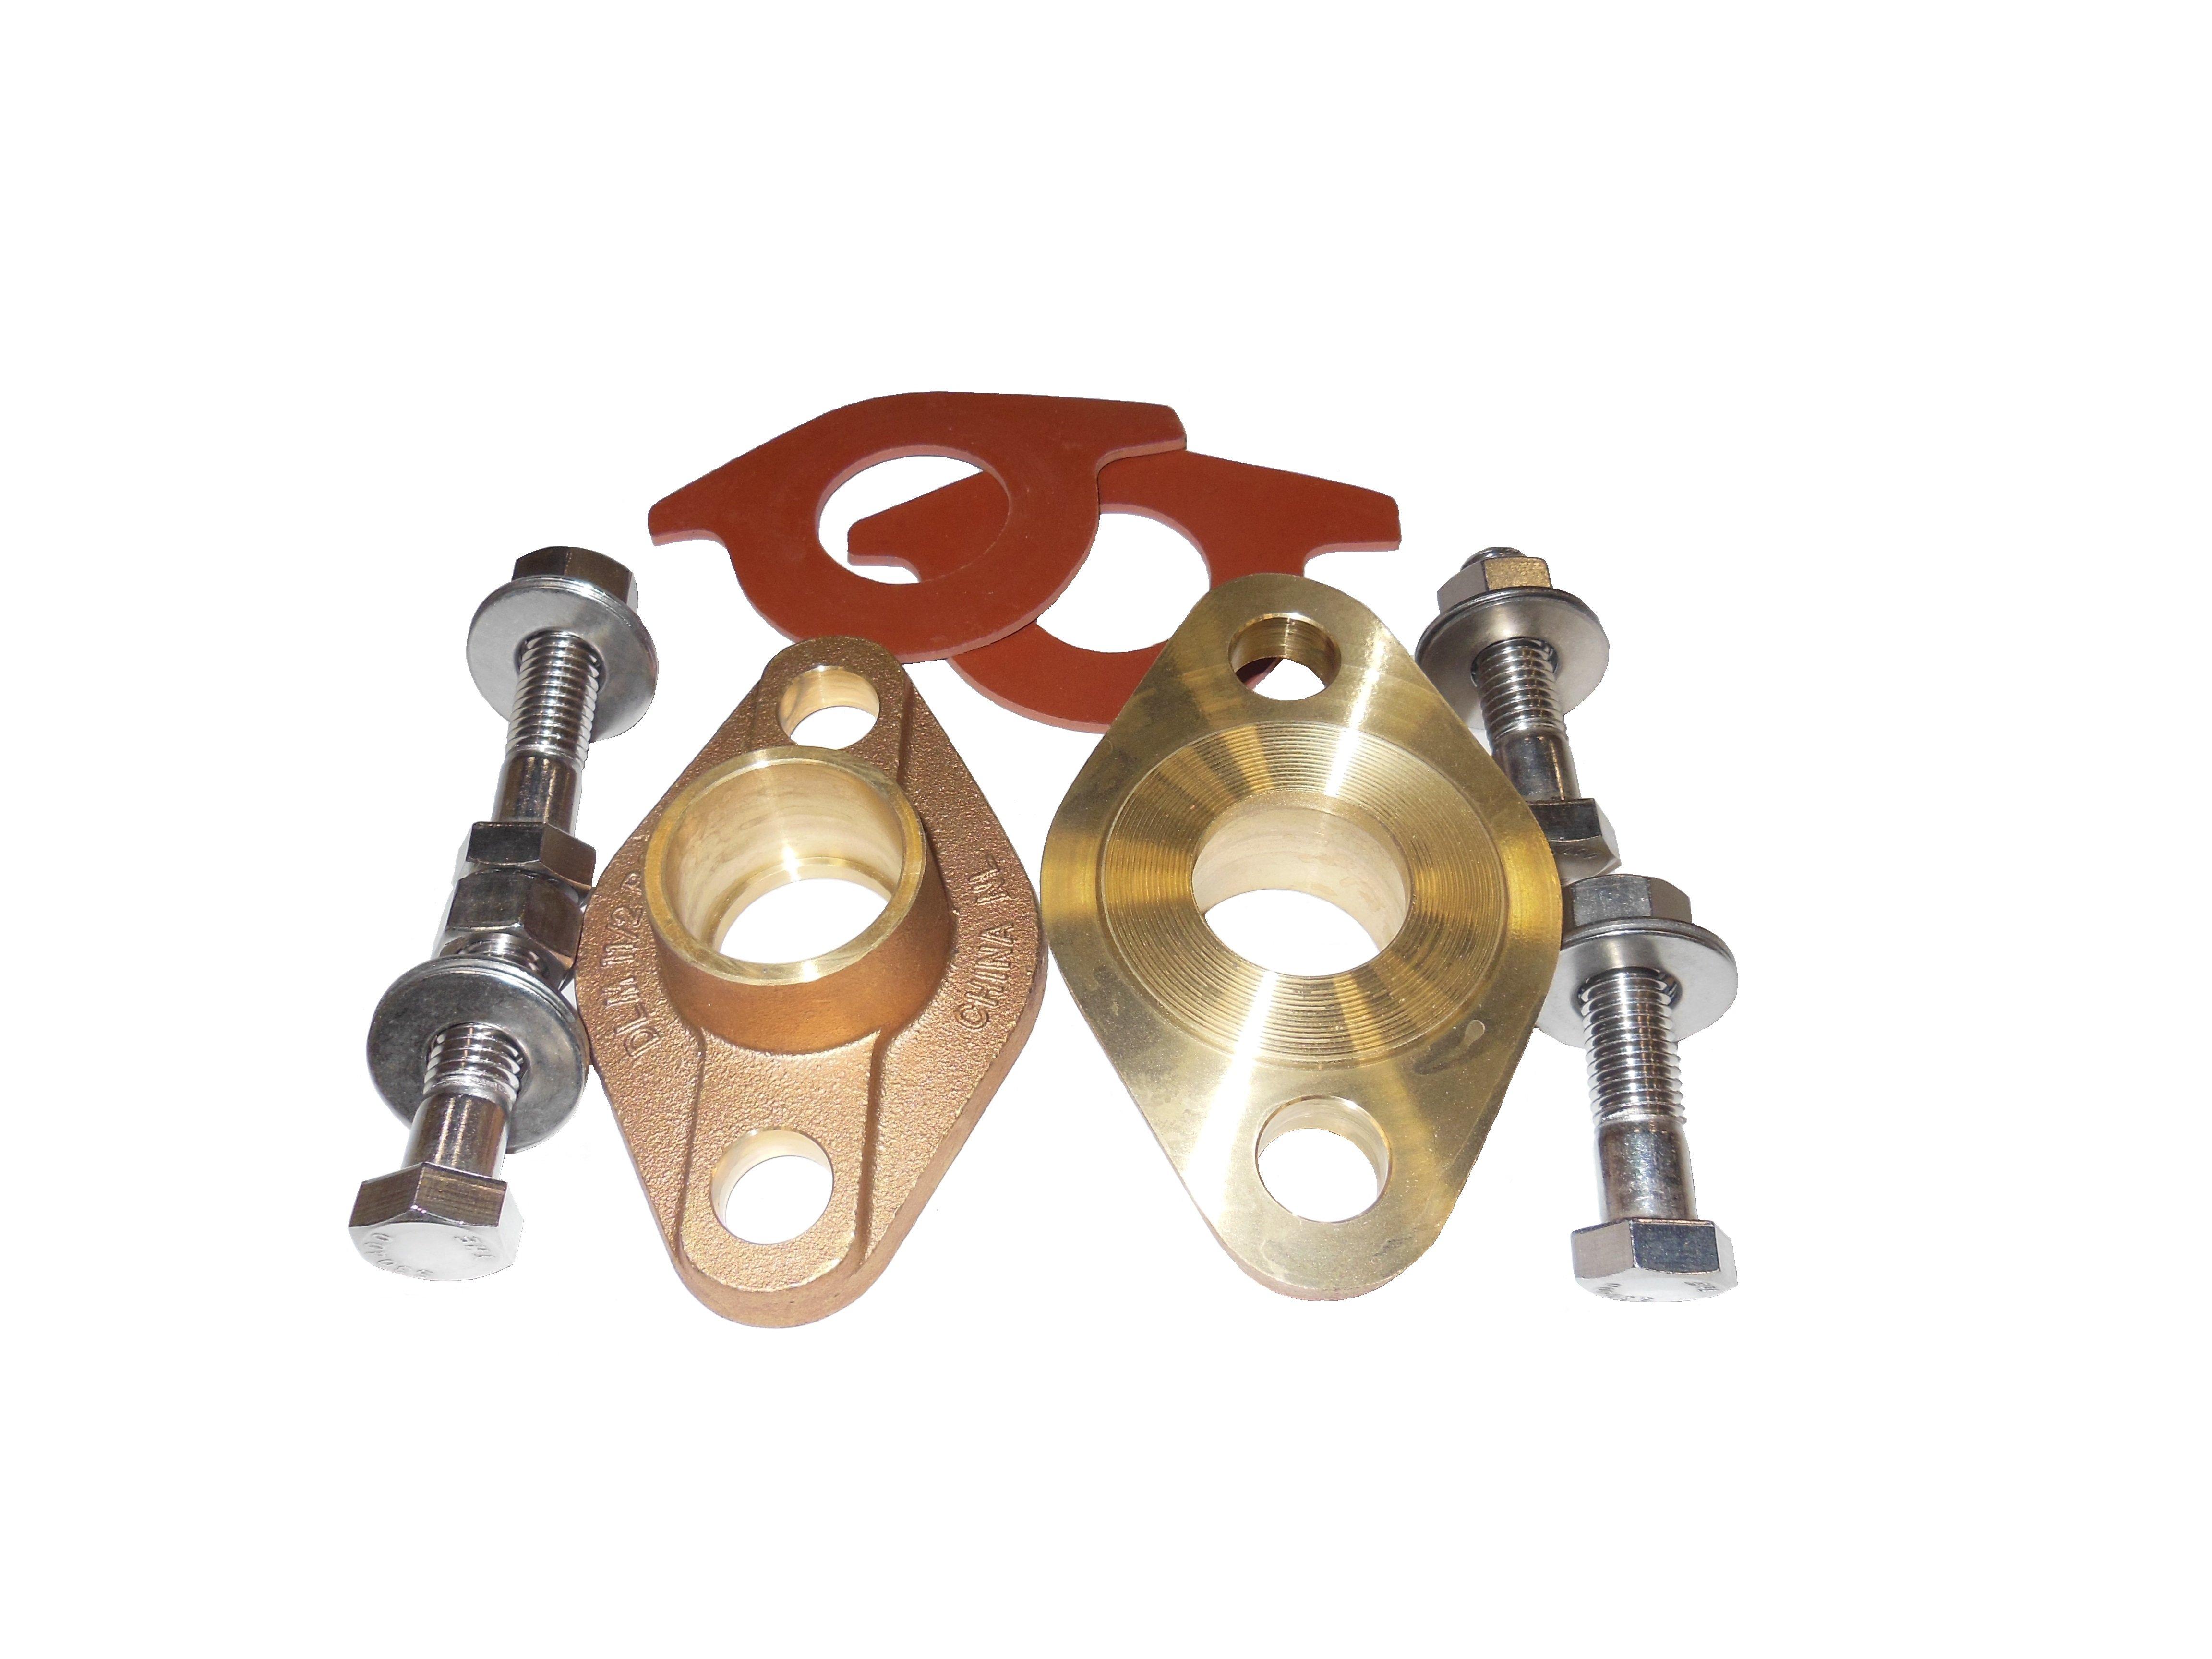 Oval Flange Kit - Brass, Solder